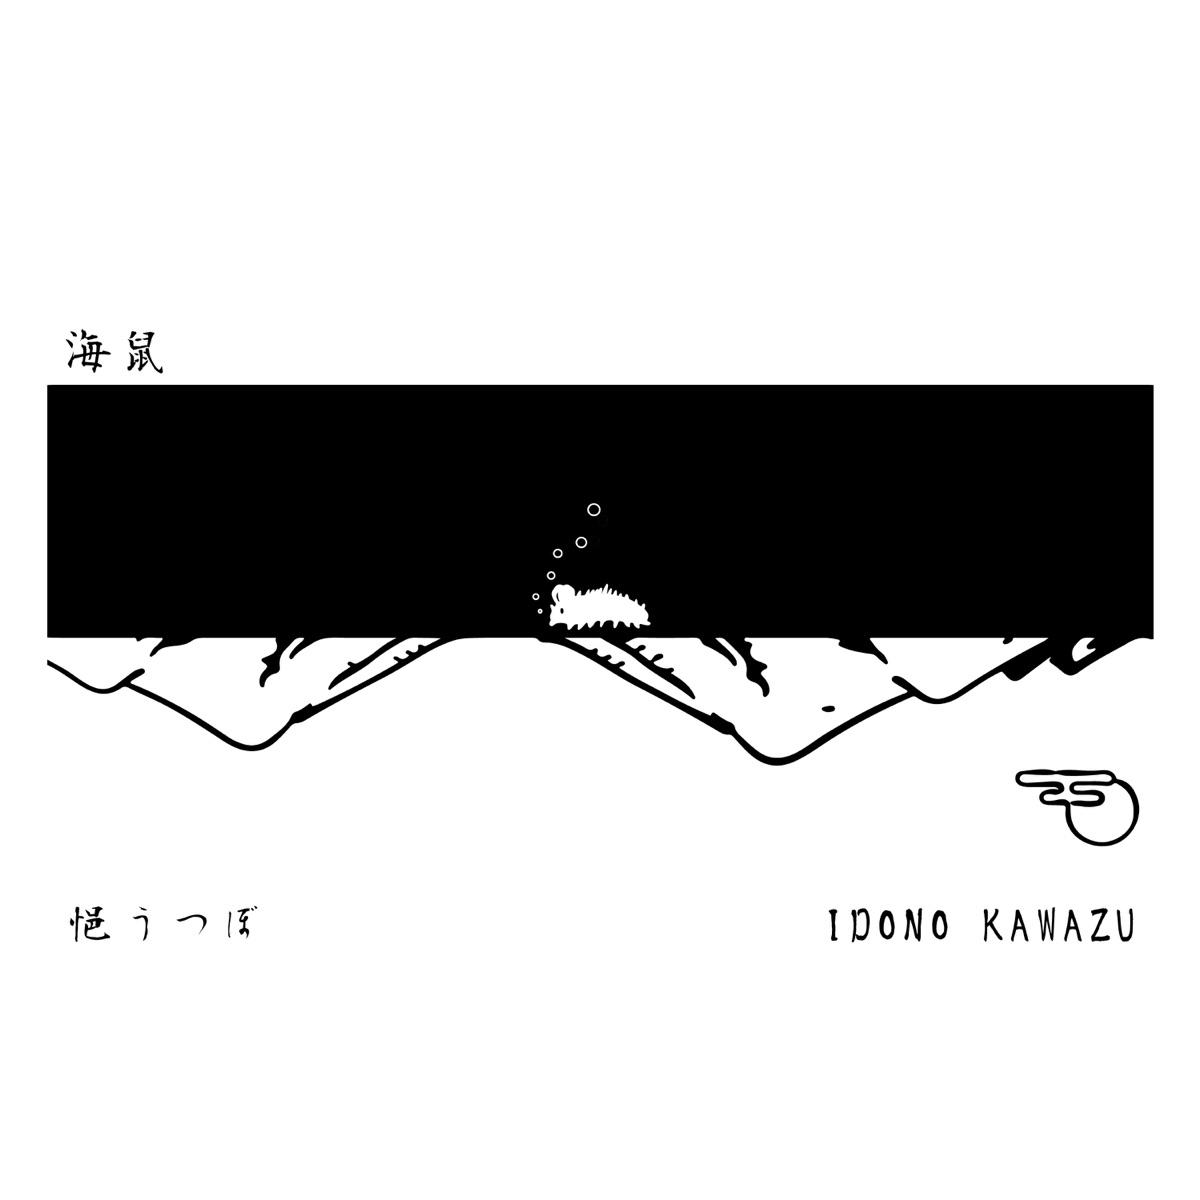 『悒うつぼ & IDONO KAWAZU - 海鼠』収録の『海鼠』ジャケット